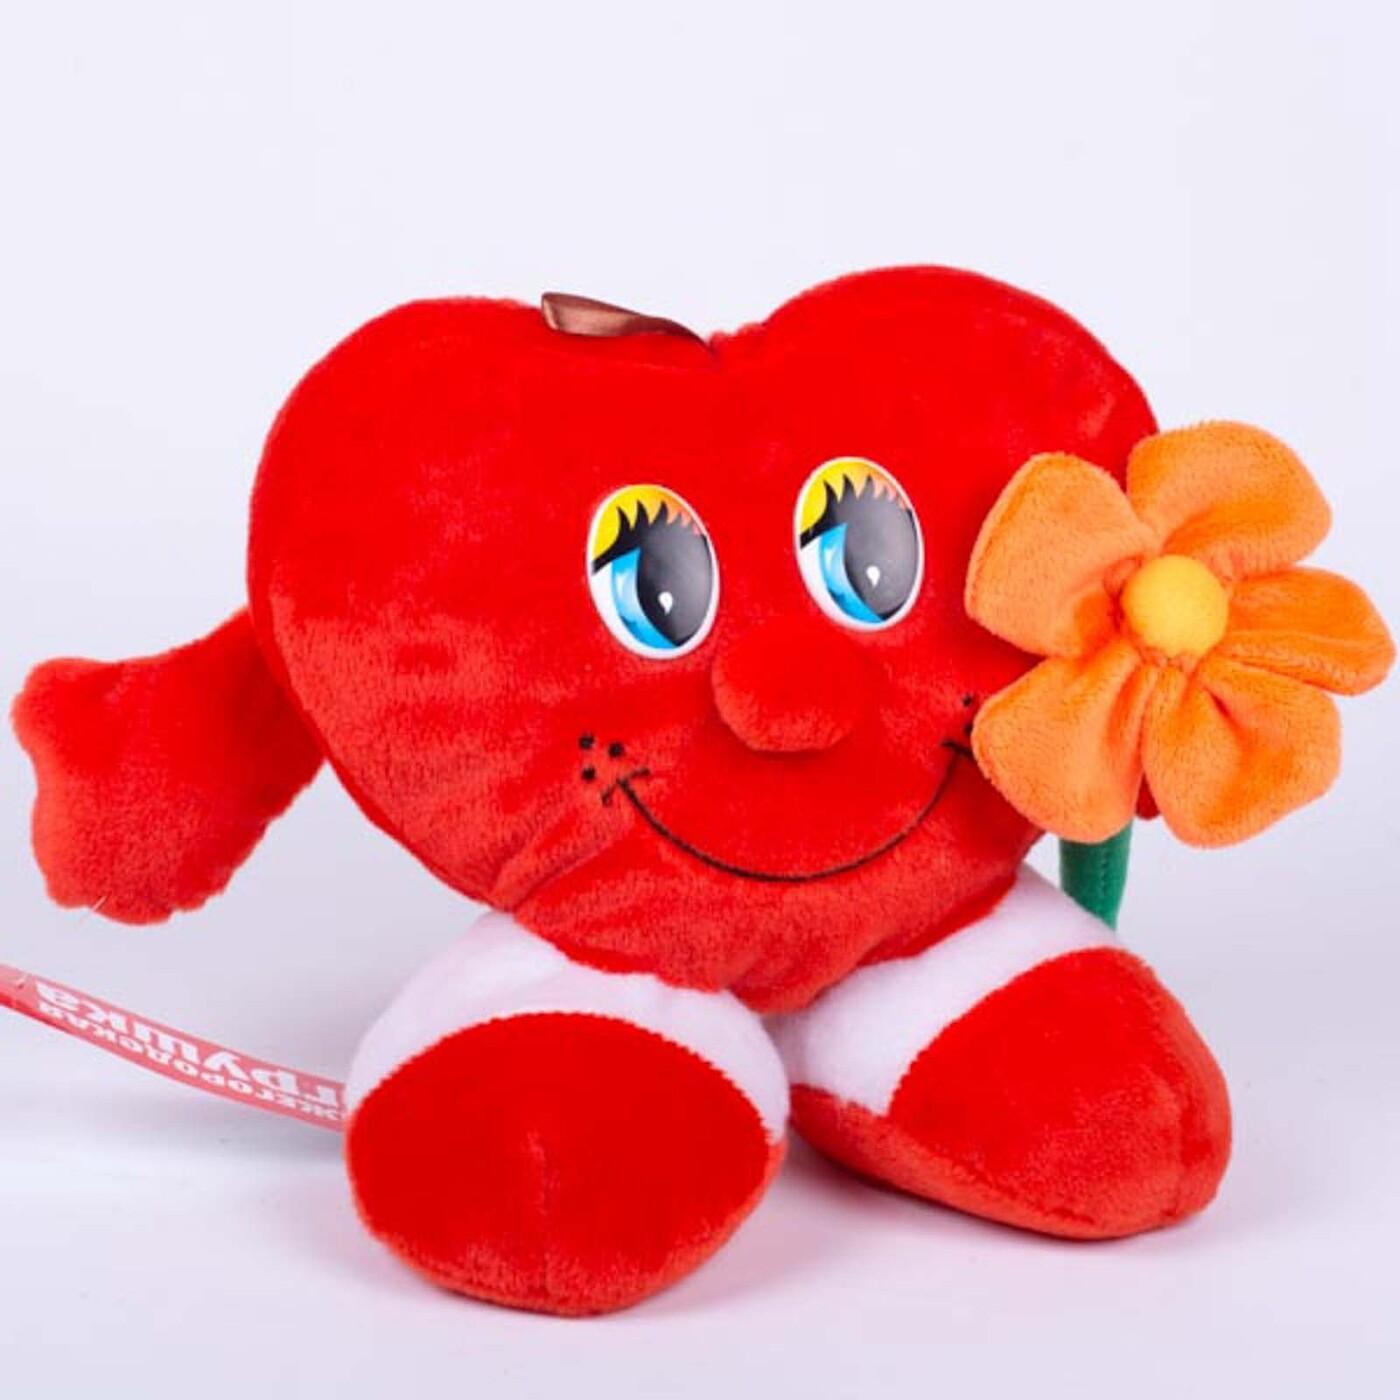 образу сердце мягкая игрушка картинки данную программу получите